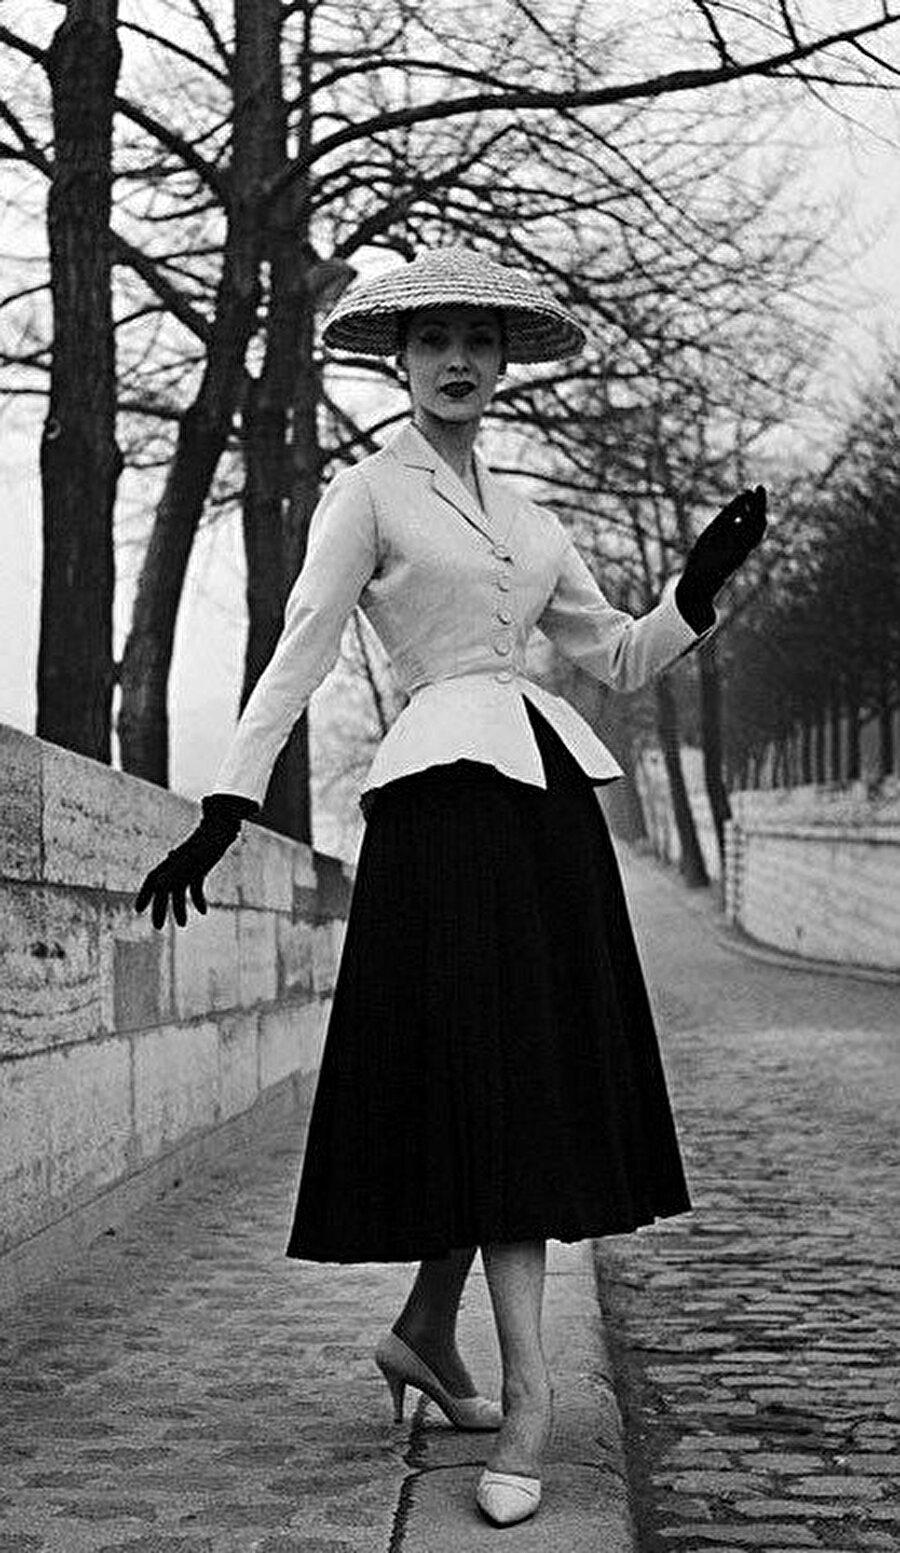 """Fransız markası Christian Dior, 1947 yılında """"New Look"""" koleksiyonunu Paris'te piyasaya sürerek modada yeni bir çağ başlattı."""